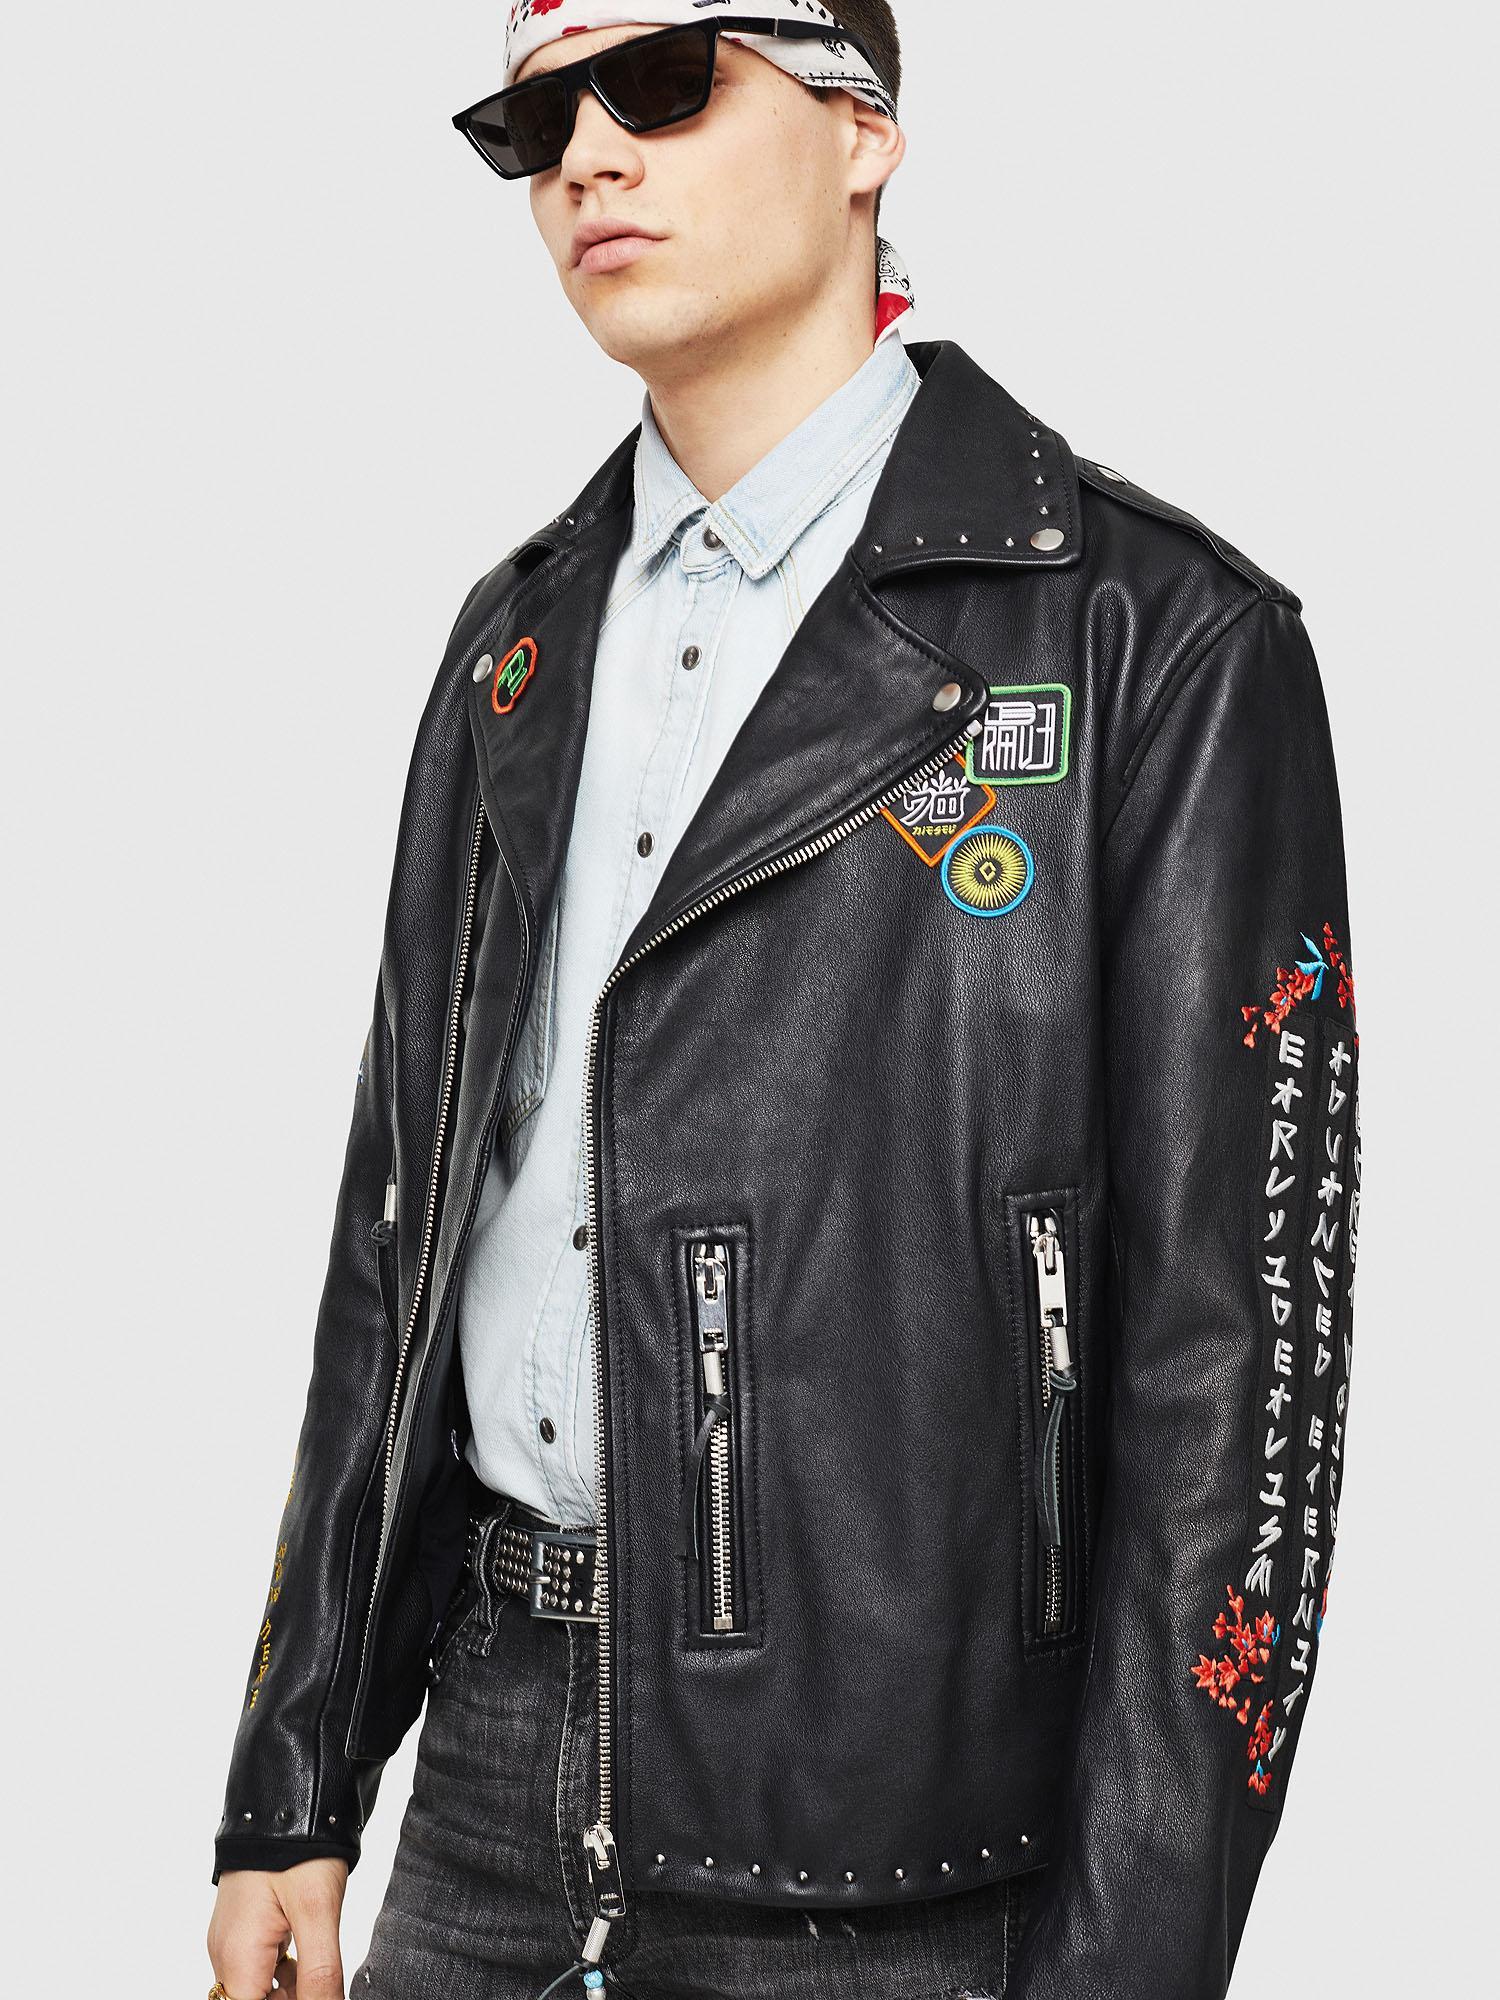 41ea25af91e9 Lyst - DIESEL Embroidered Biker Jacket In Leather in Black for Men